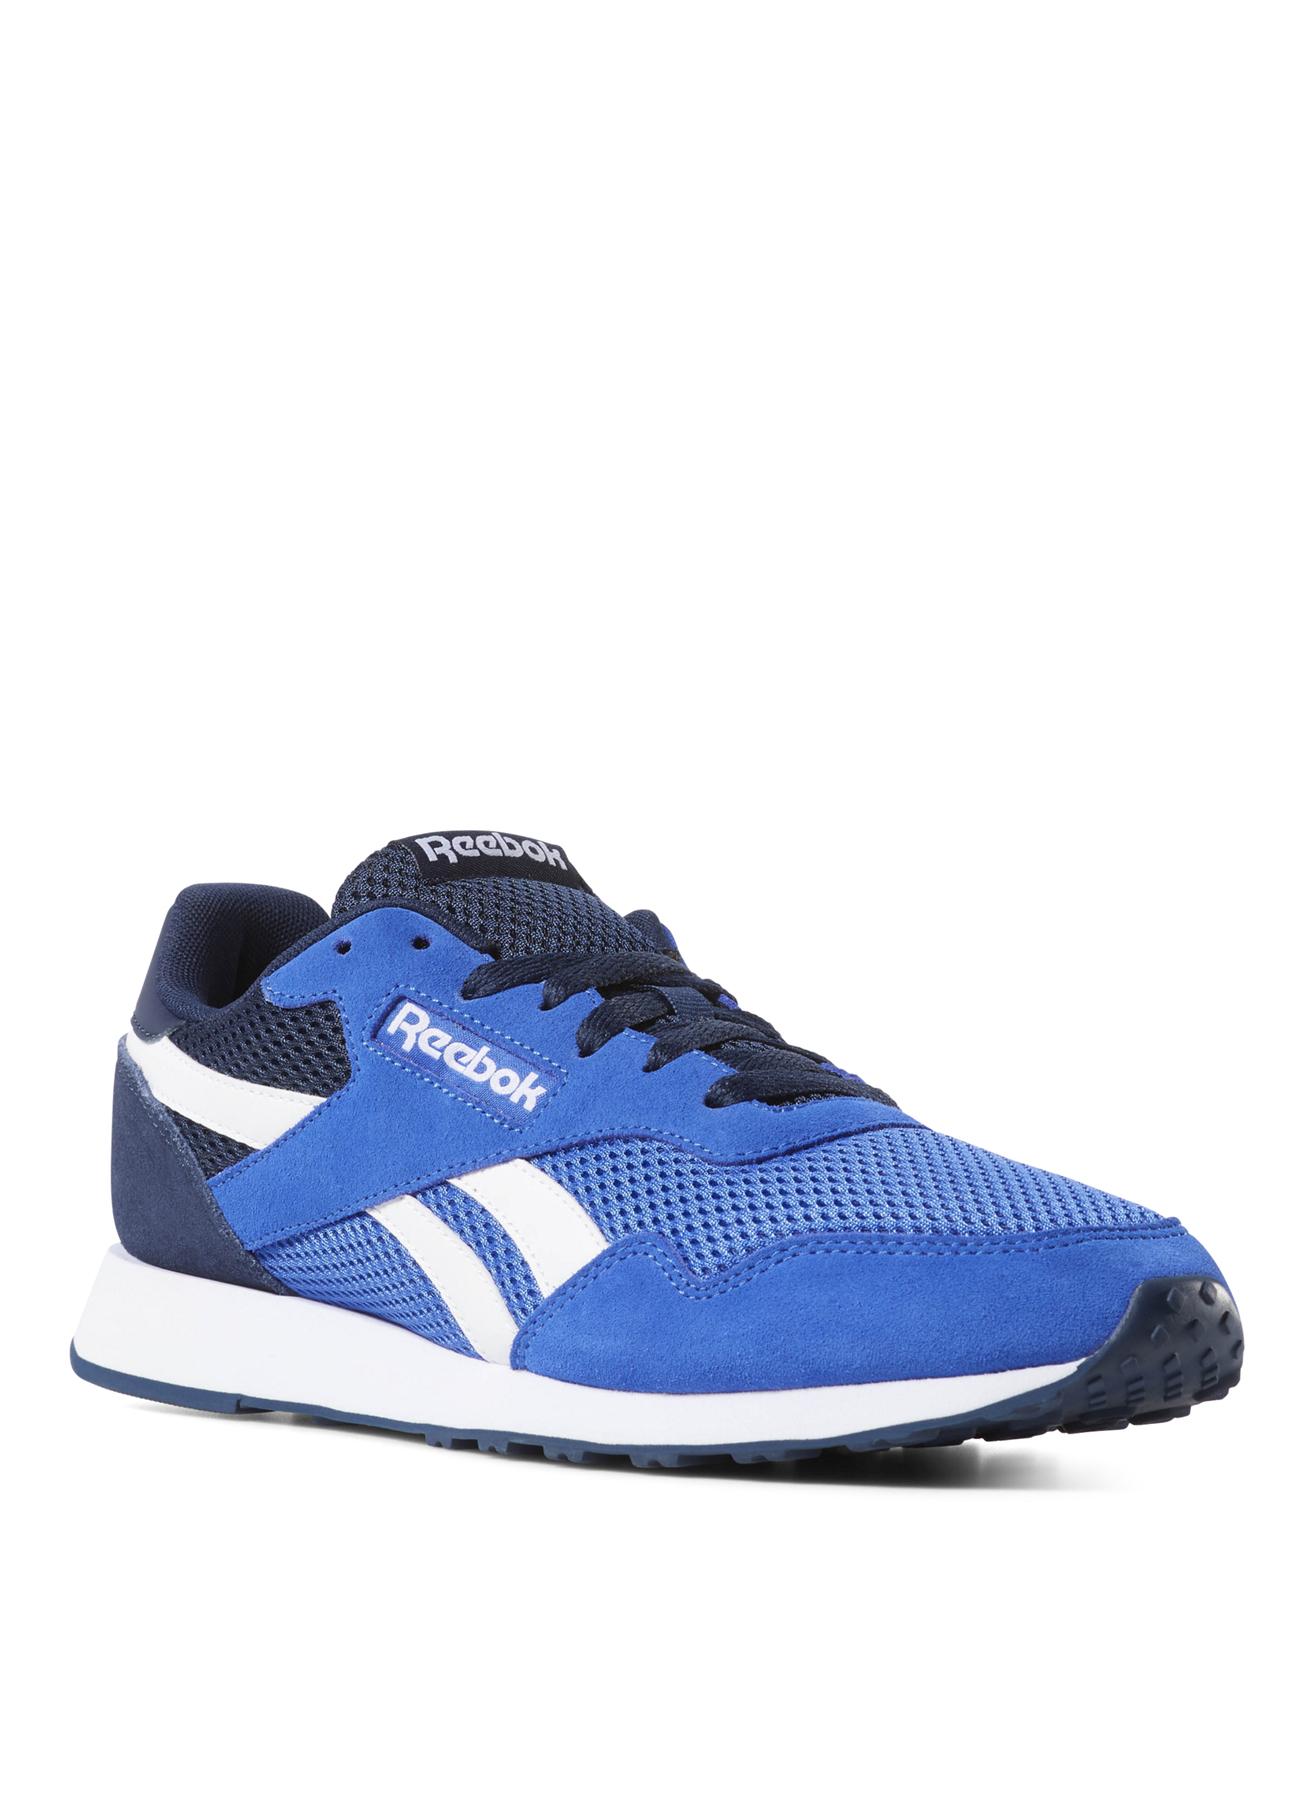 Reebok Lifestyle Ayakkabı 42 5002359621003 Ürün Resmi